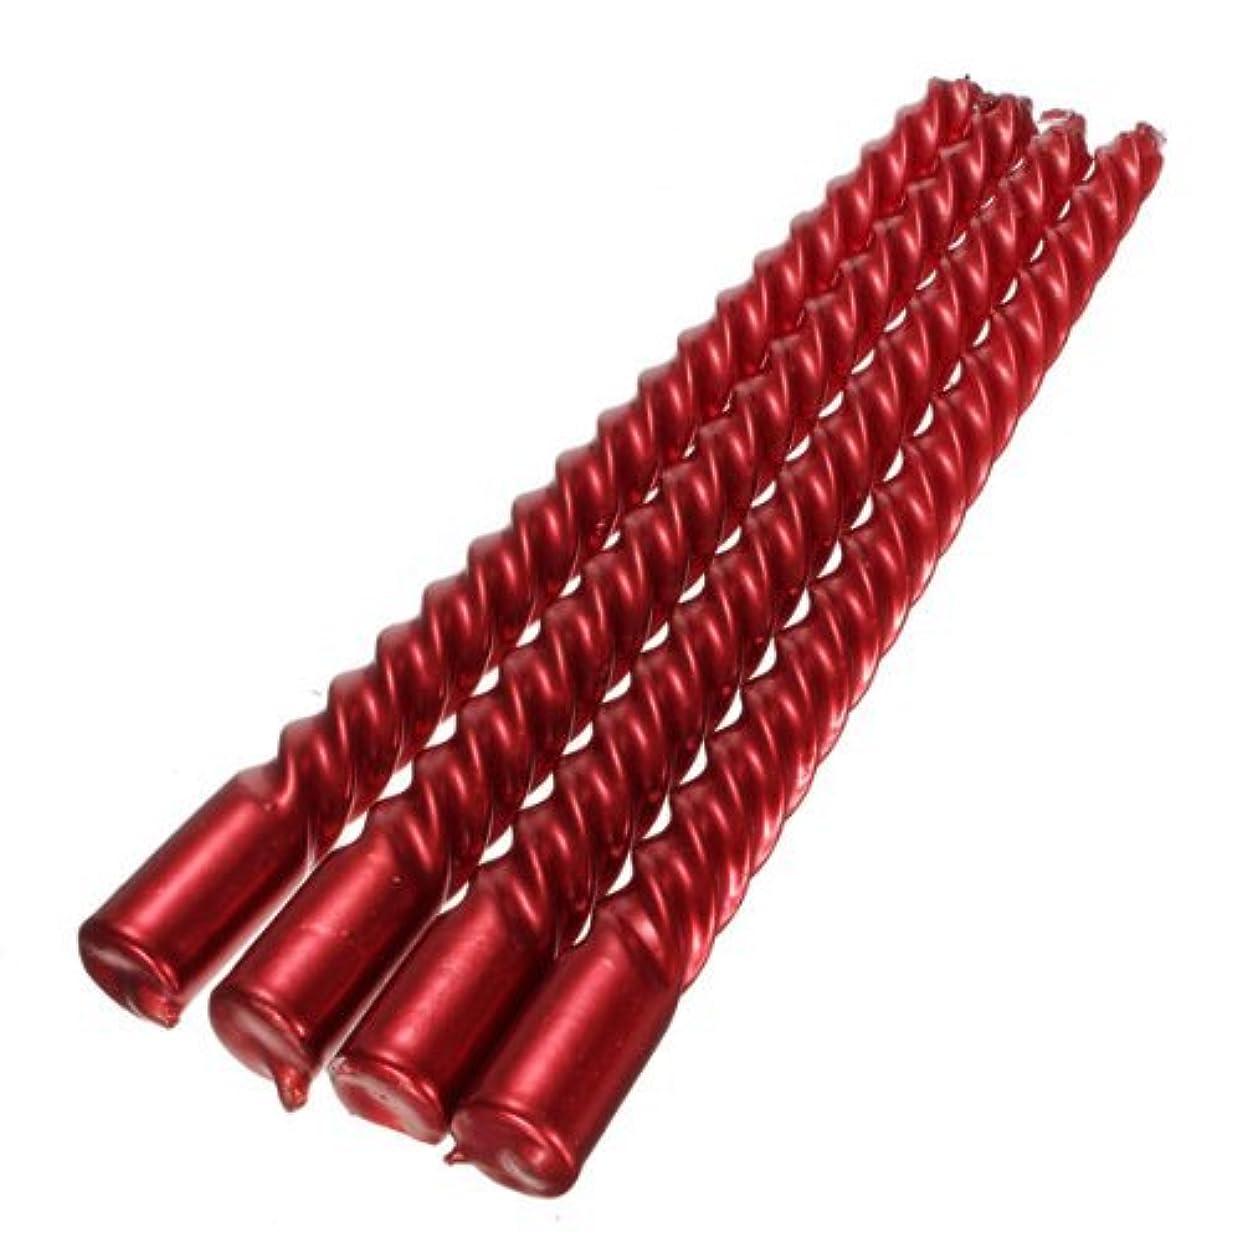 スタッフ意味する大きい4本ロングスパイラルテーパツイストダイニングテーブルウェディングキャンドルフェスティバル装飾家庭用品(赤)